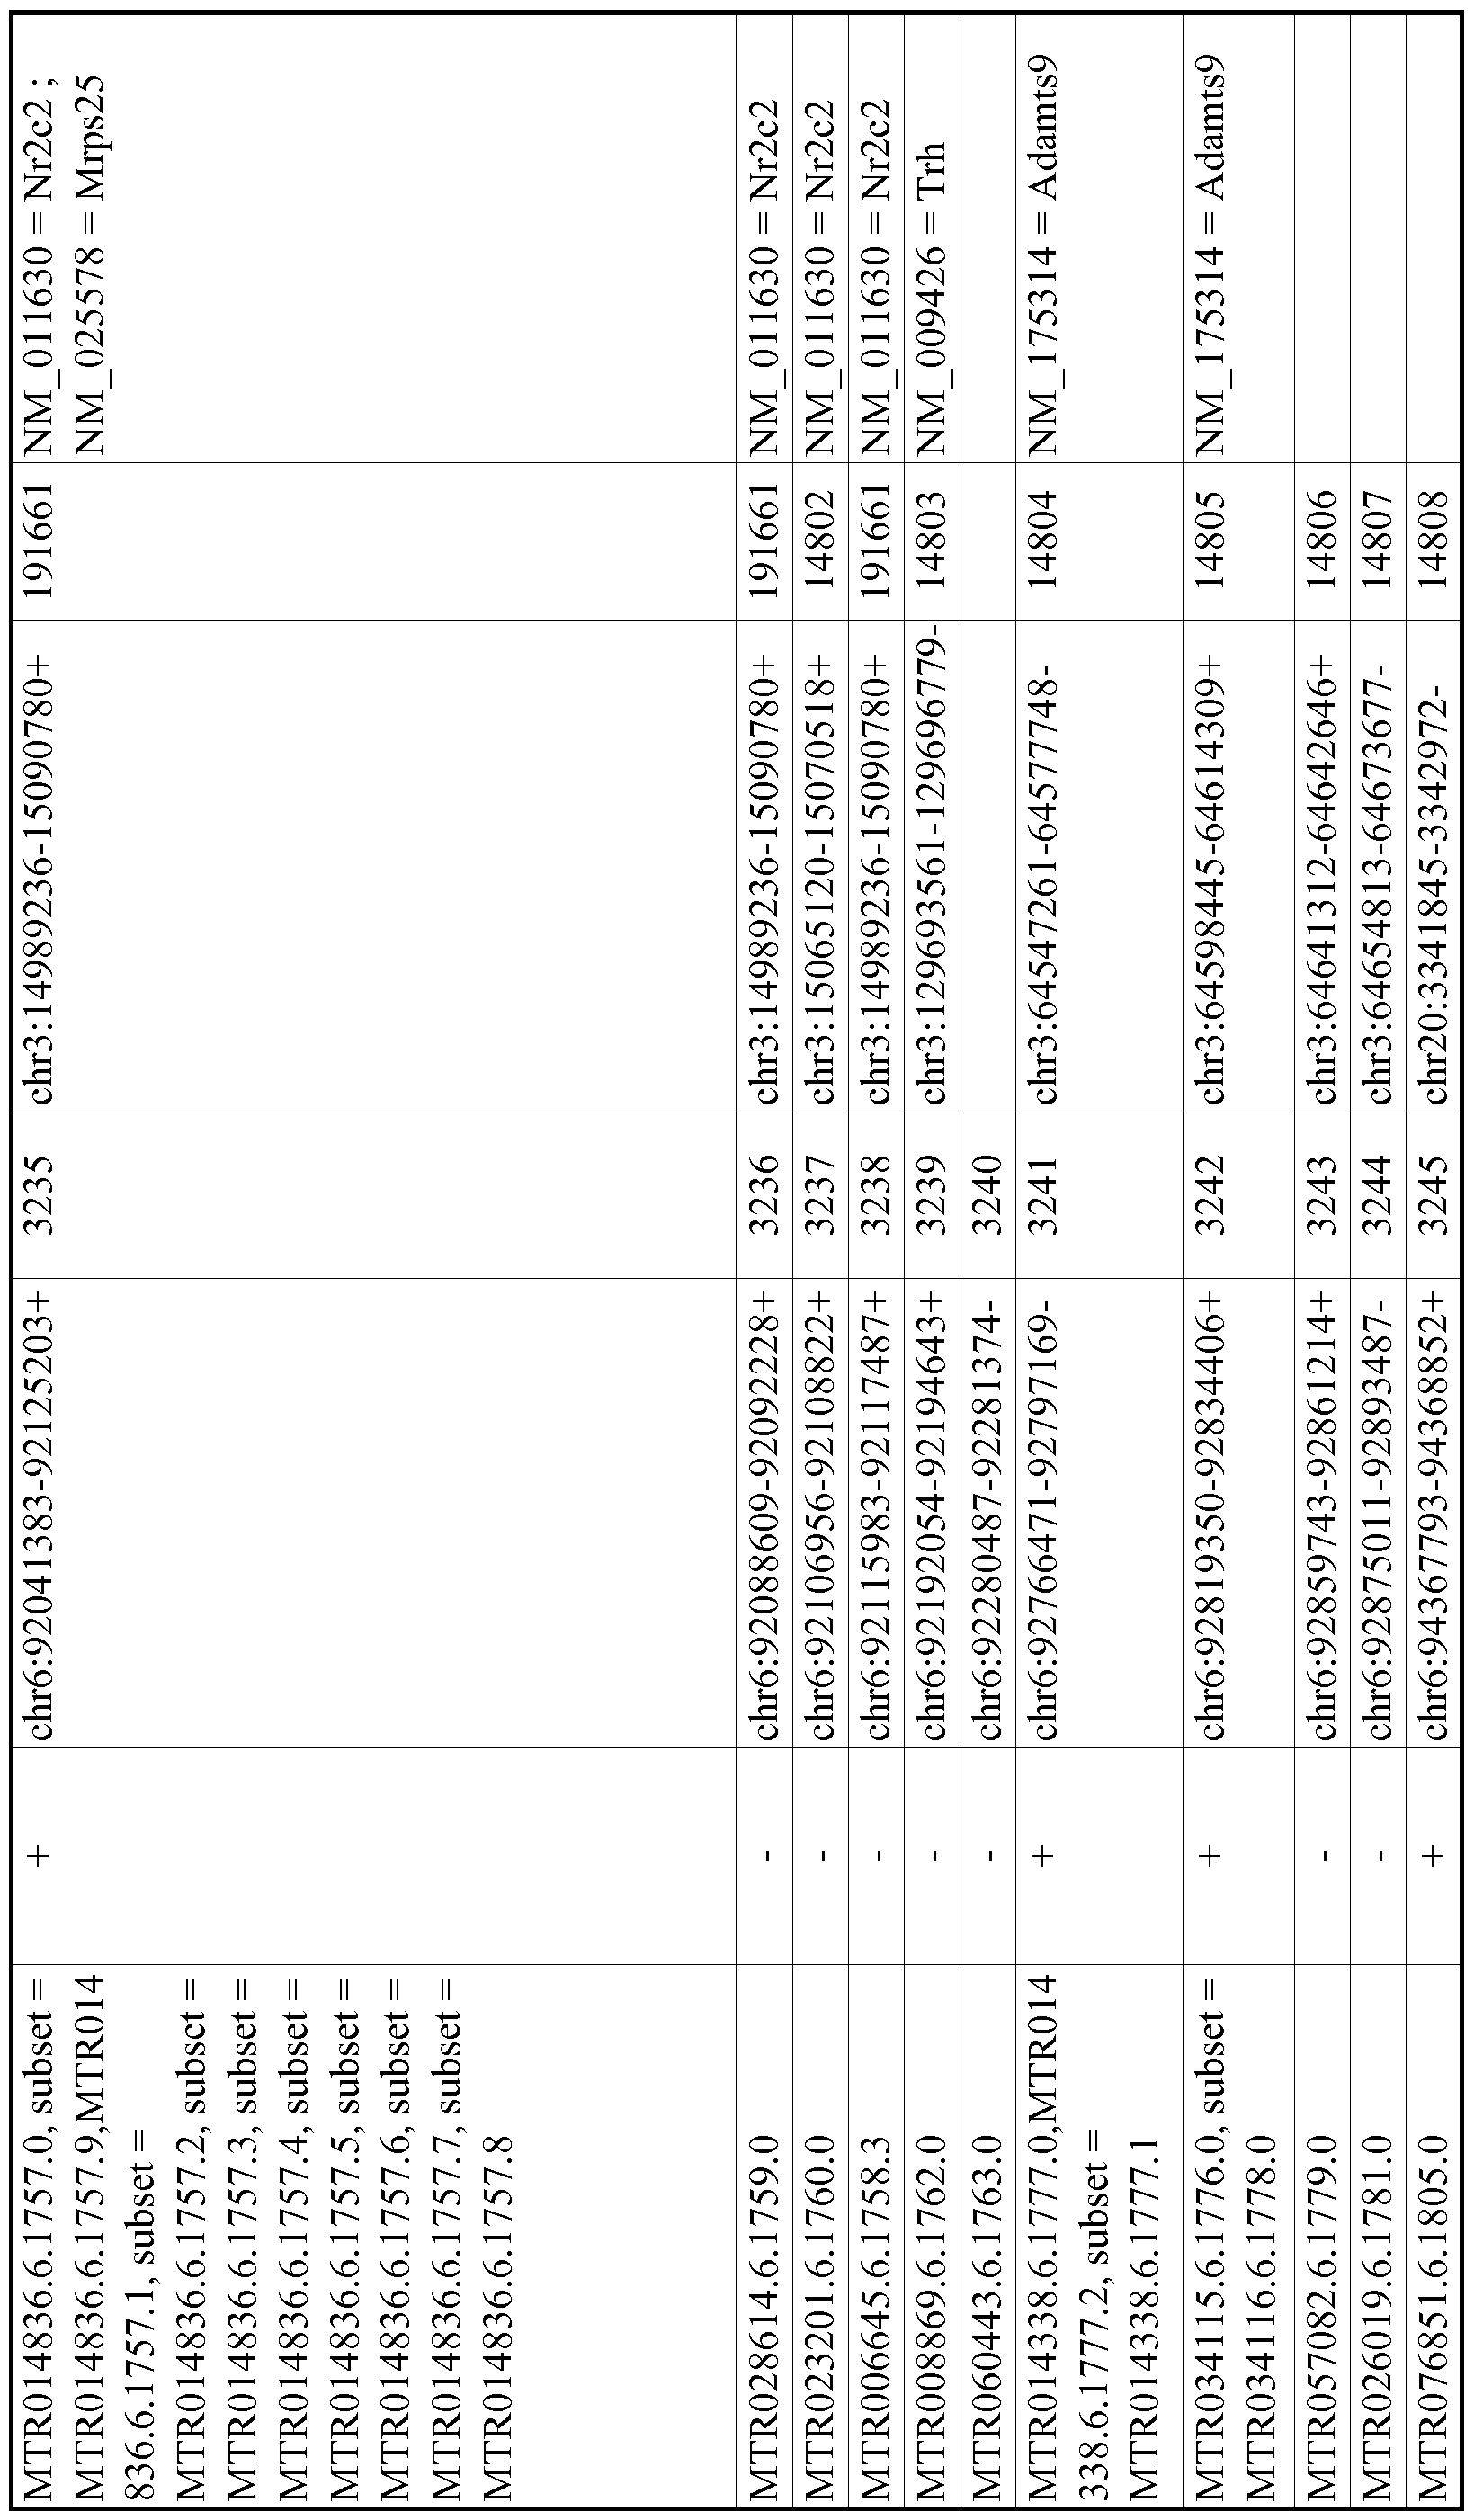 Figure imgf000642_0001